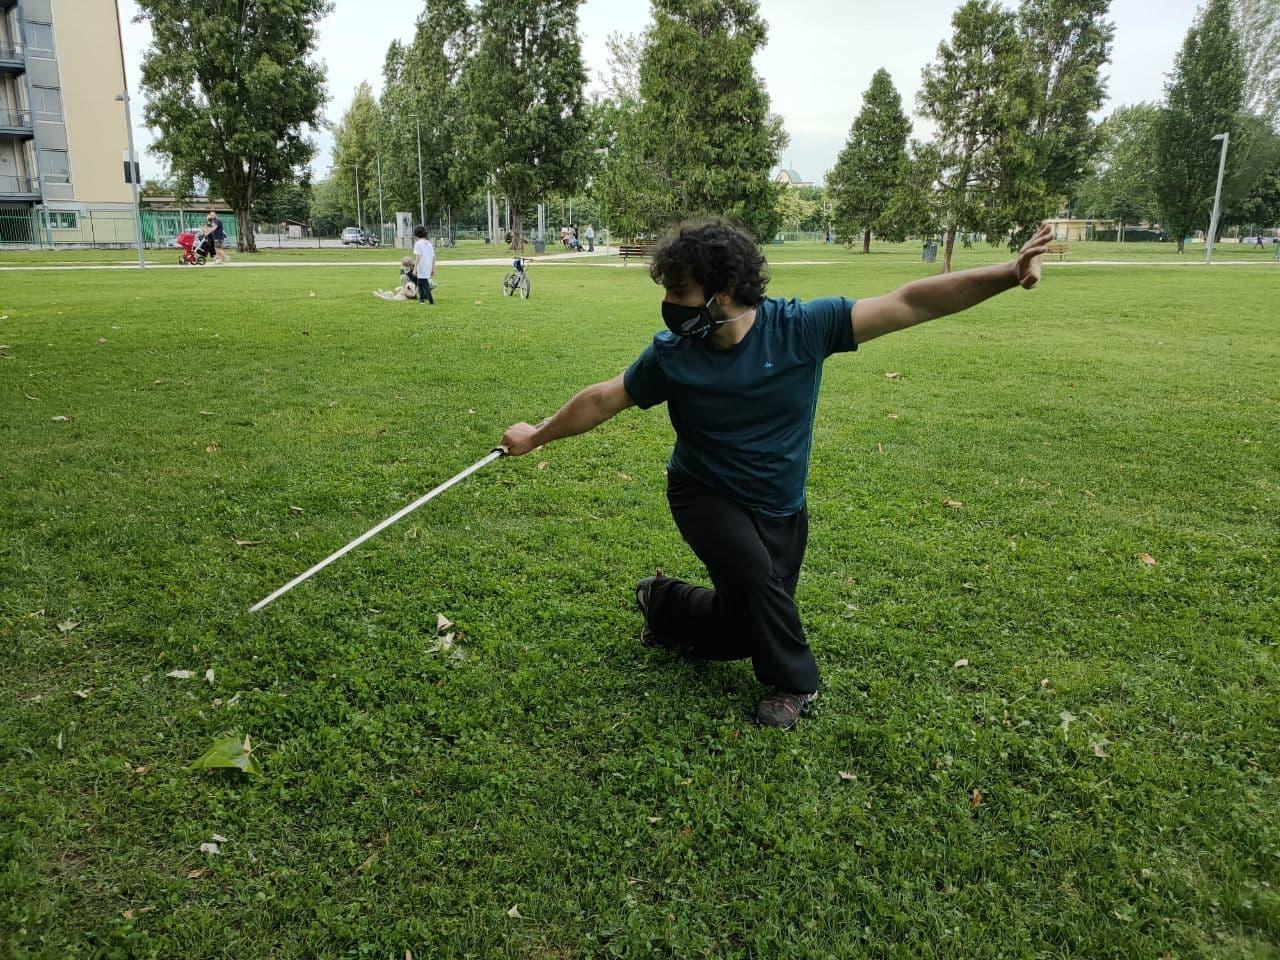 Kung Fu - Allenamento con la spada (jian) al parco